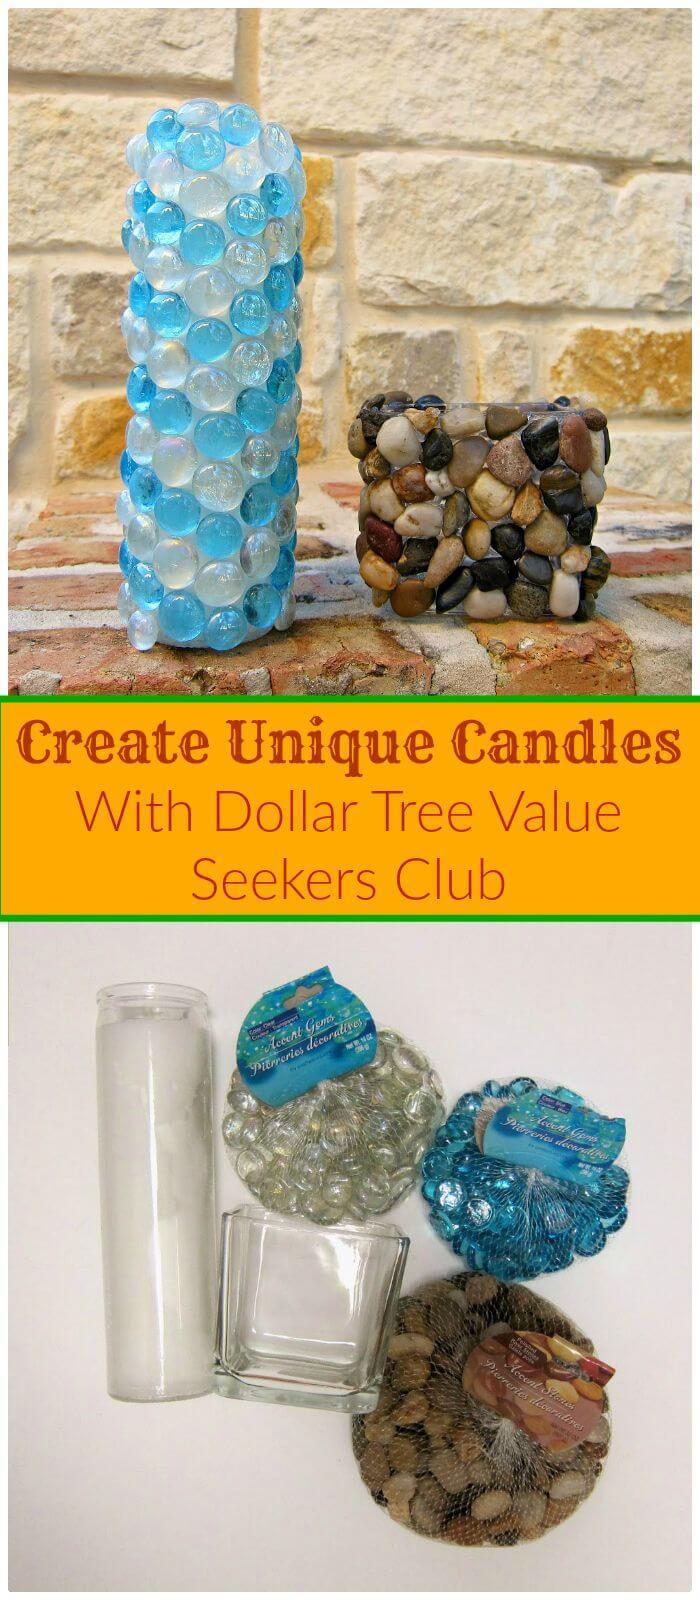 Cree velas únicas con el valor del árbol del dólar